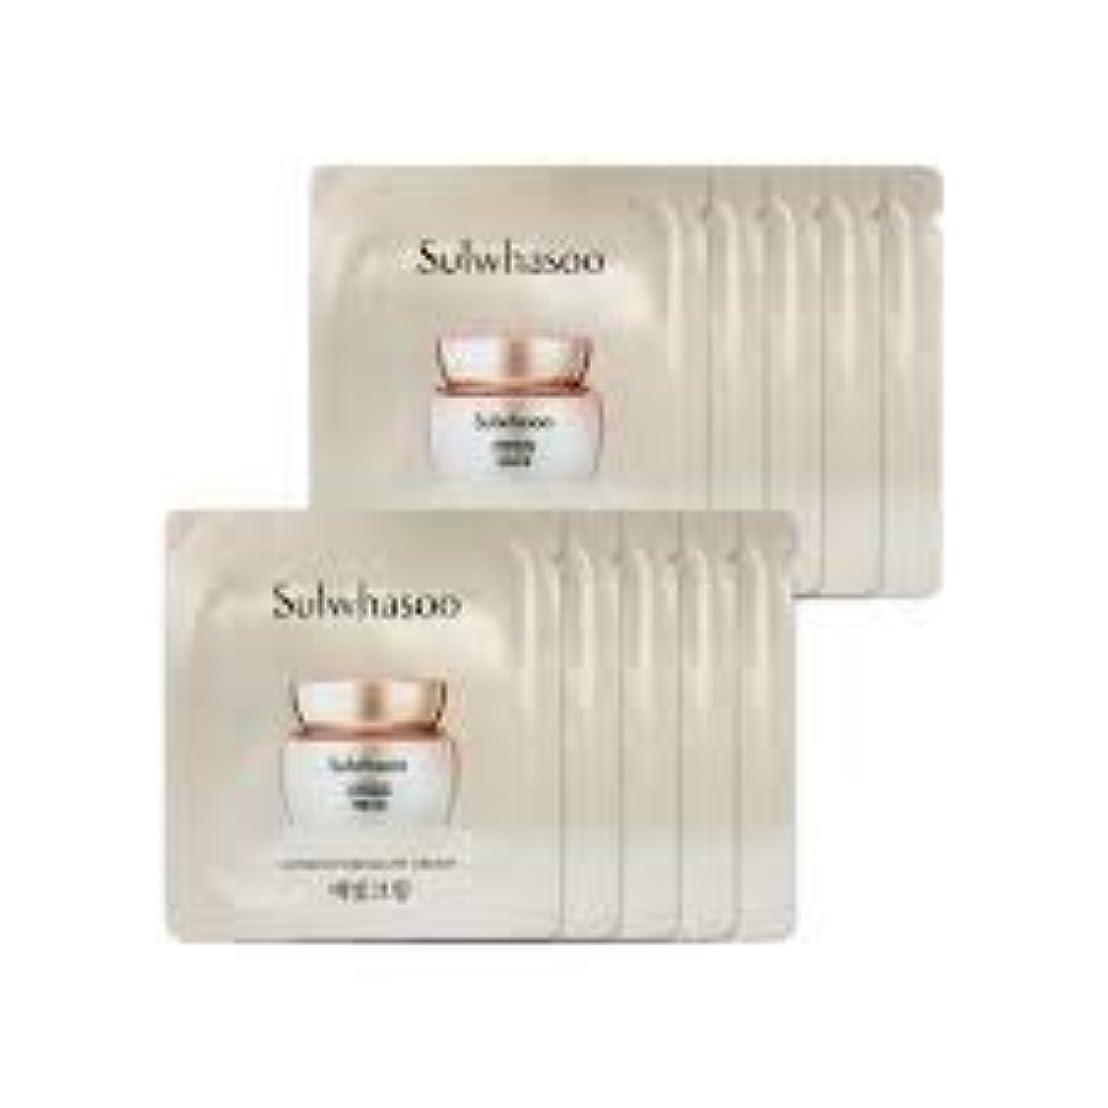 簡単に重要な役割を果たす、中心的な手段となるスパイラル[ソルファス ] Sulwhasoo (雪花秀) ルミナチュアグロー Luminature Glow Cream 1ml x 30 (イェビトクリーム) [ShopMaster1]